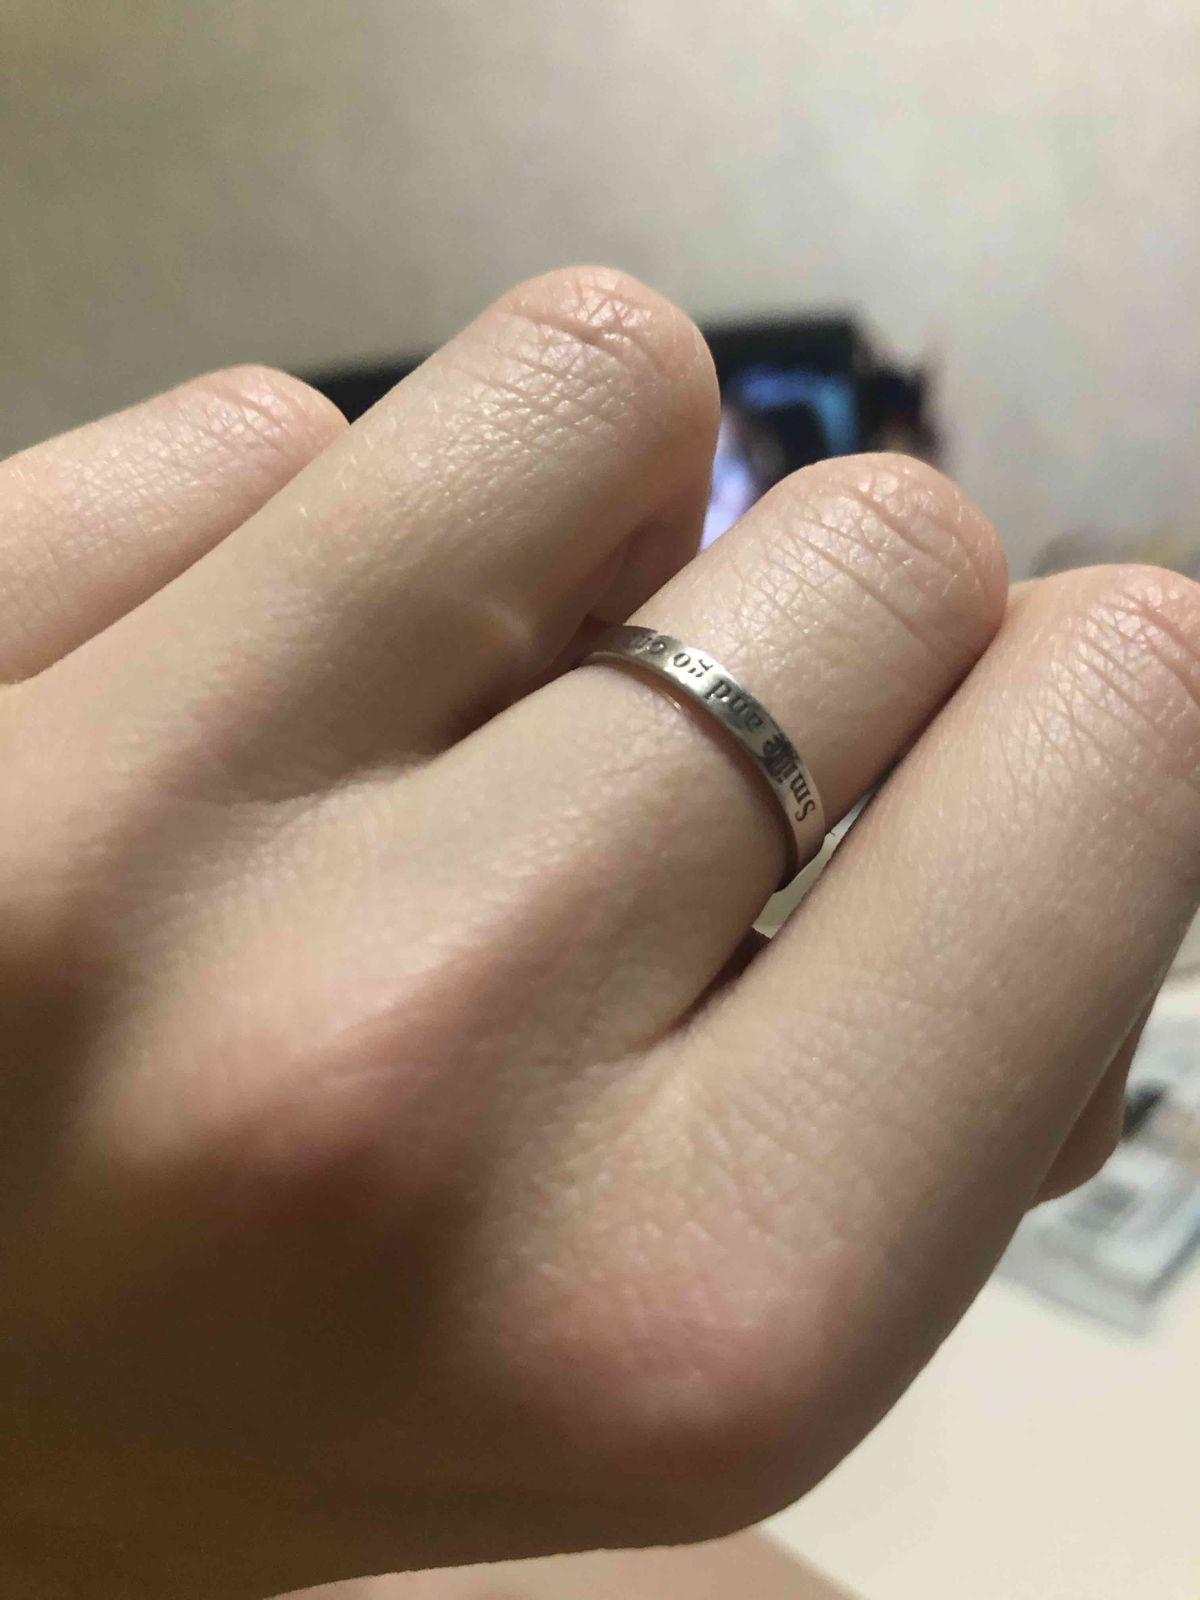 Кольцо шикарное, ничего лишнего, нежное